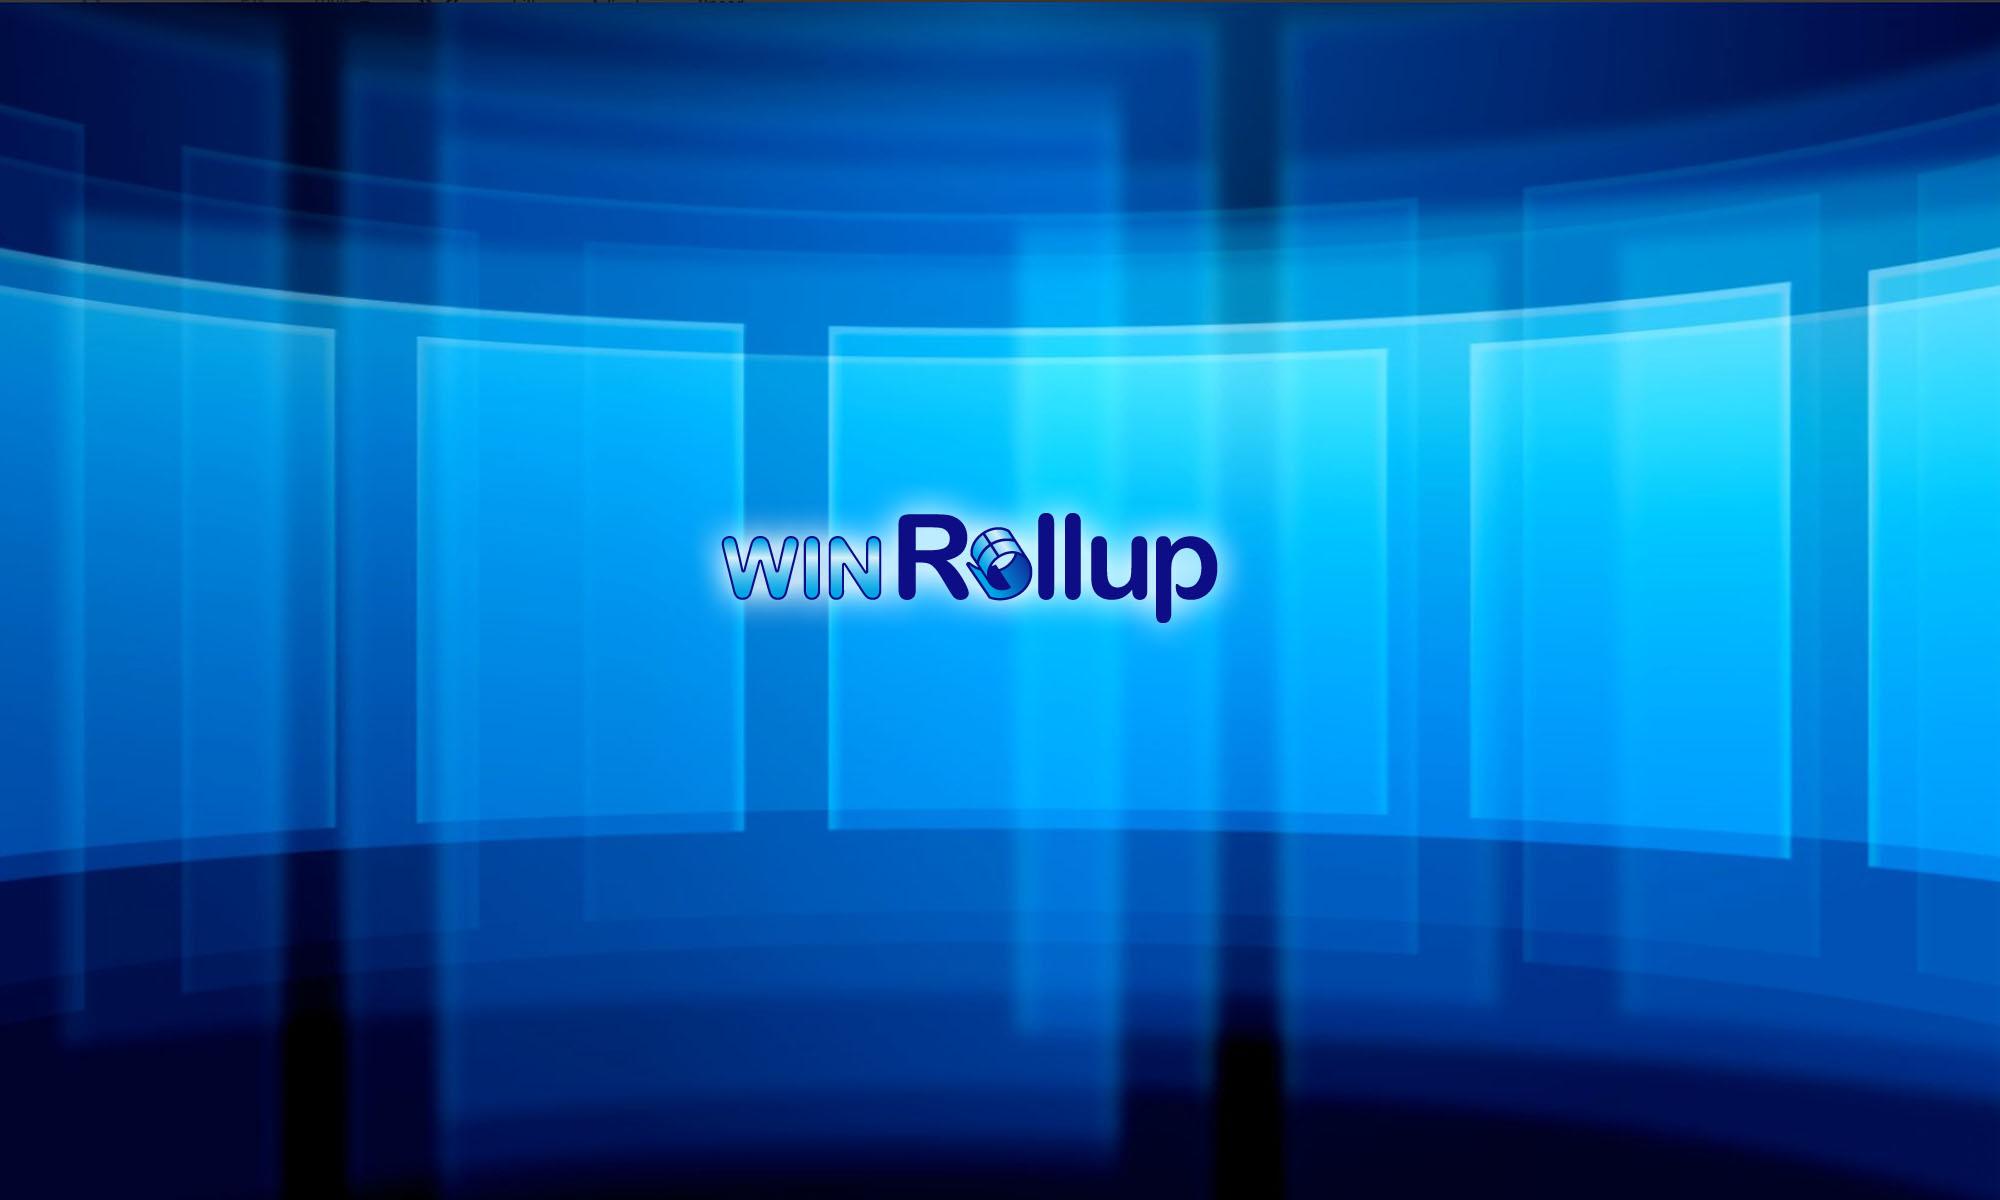 winRollup.com